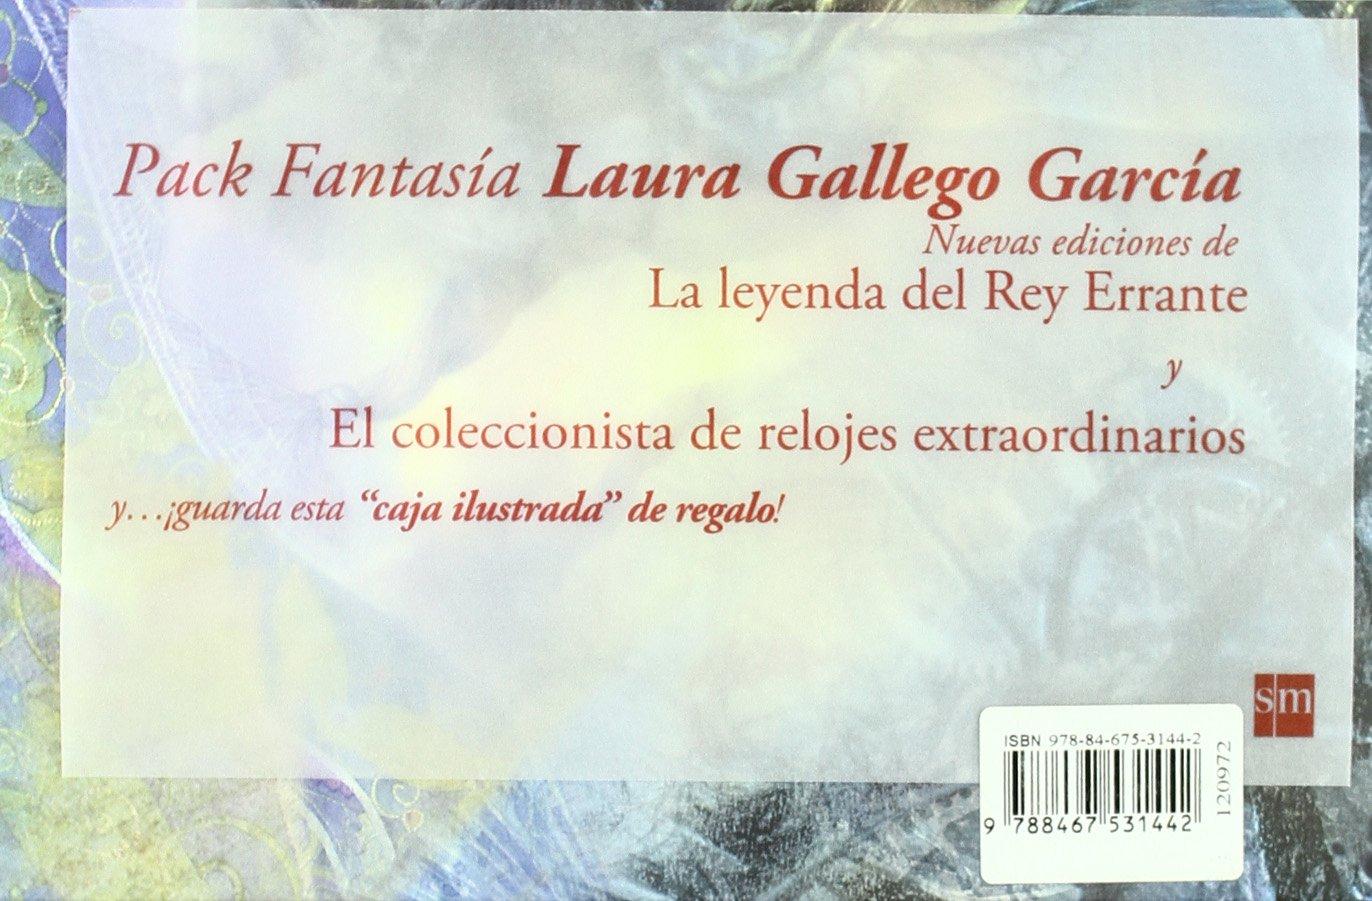 Pack Laura Gallego: La leyenda del Rey Errante; El coleccionista de relojes extraordinarios: Laura; Navarro García, José Luis Gallego García: 9788467531442: ...